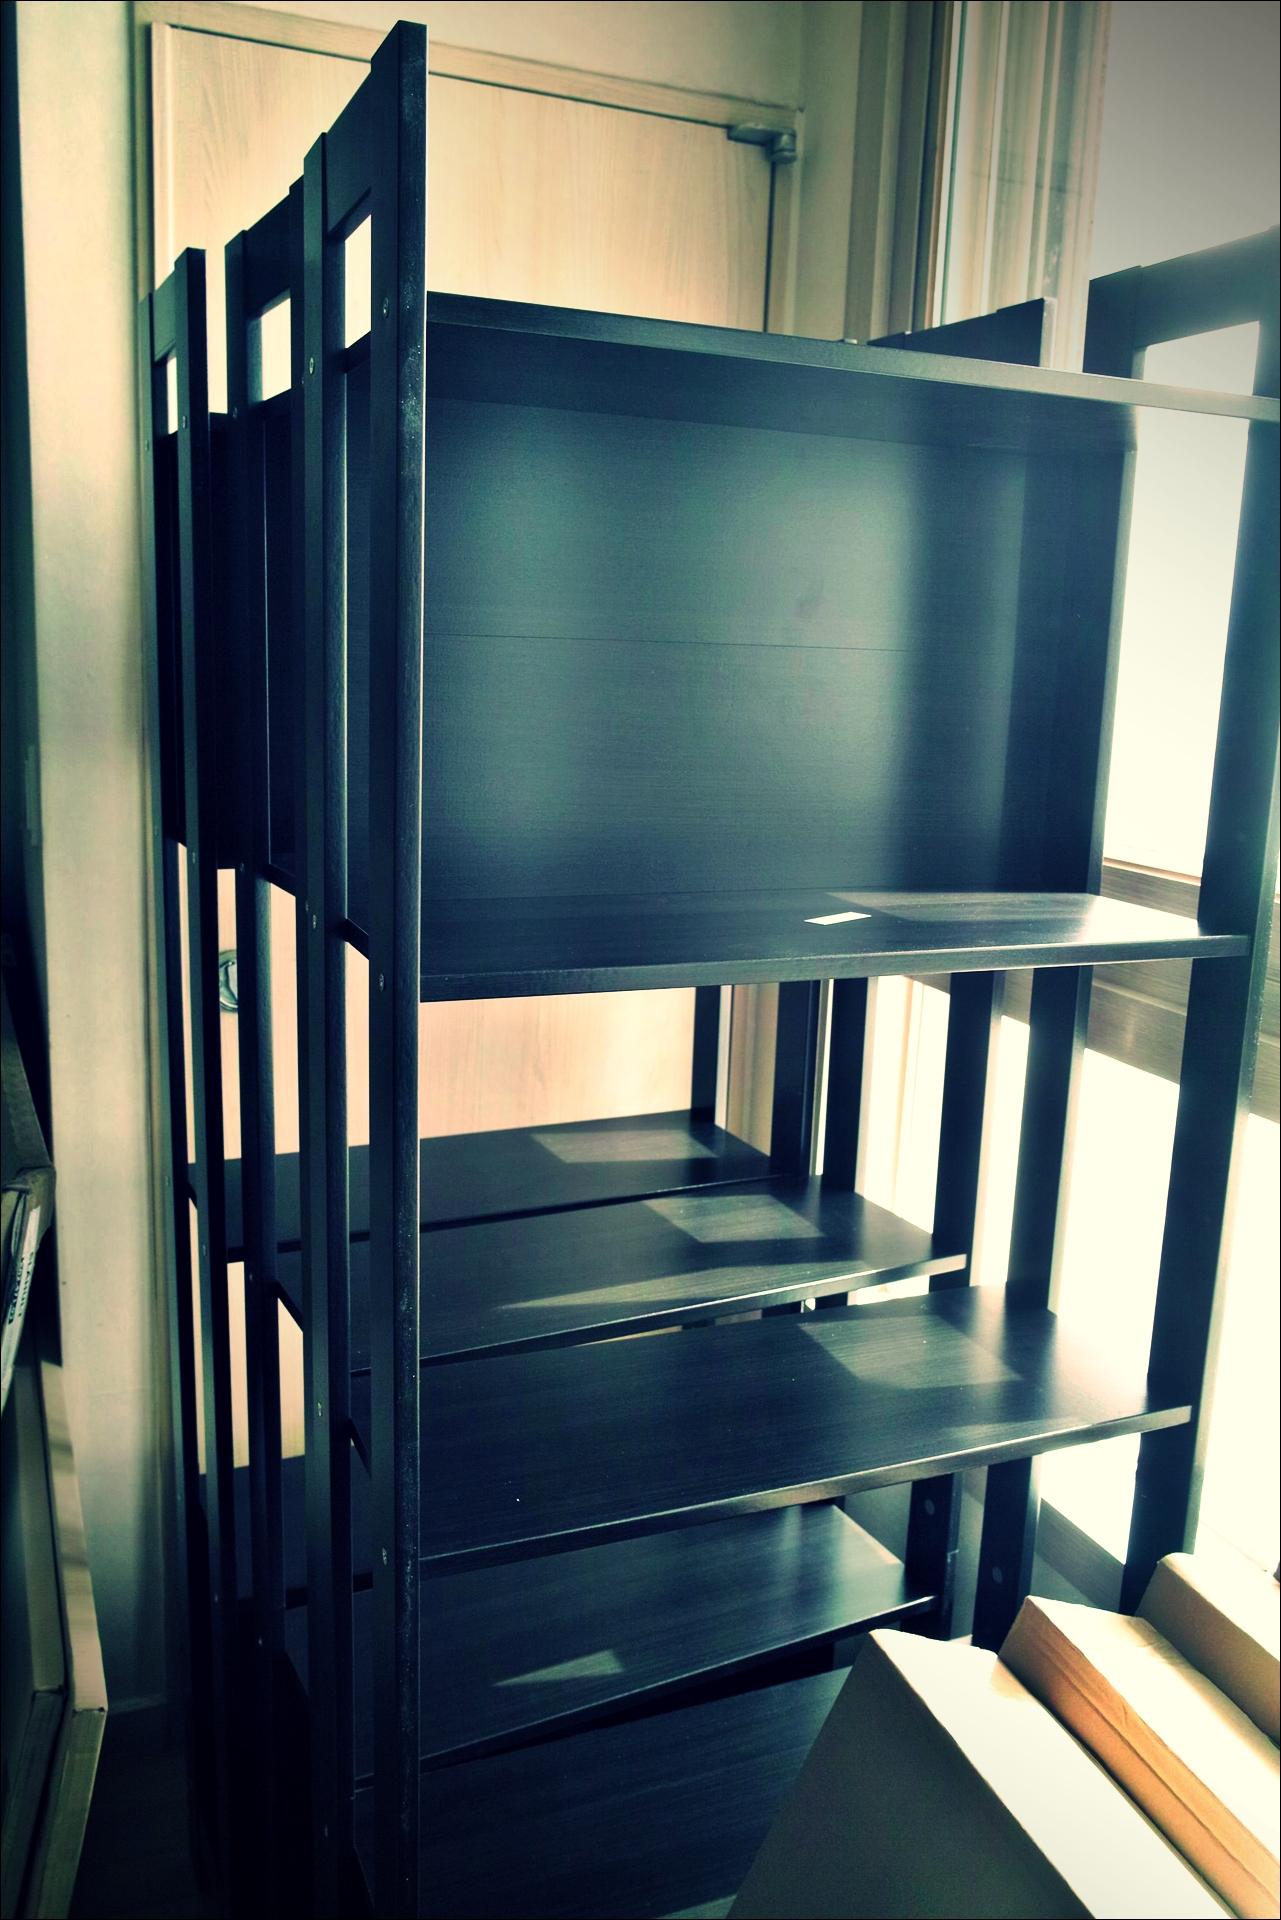 완성-'이케아 가구 조립 노하우. How to assemble ikea furnitures'